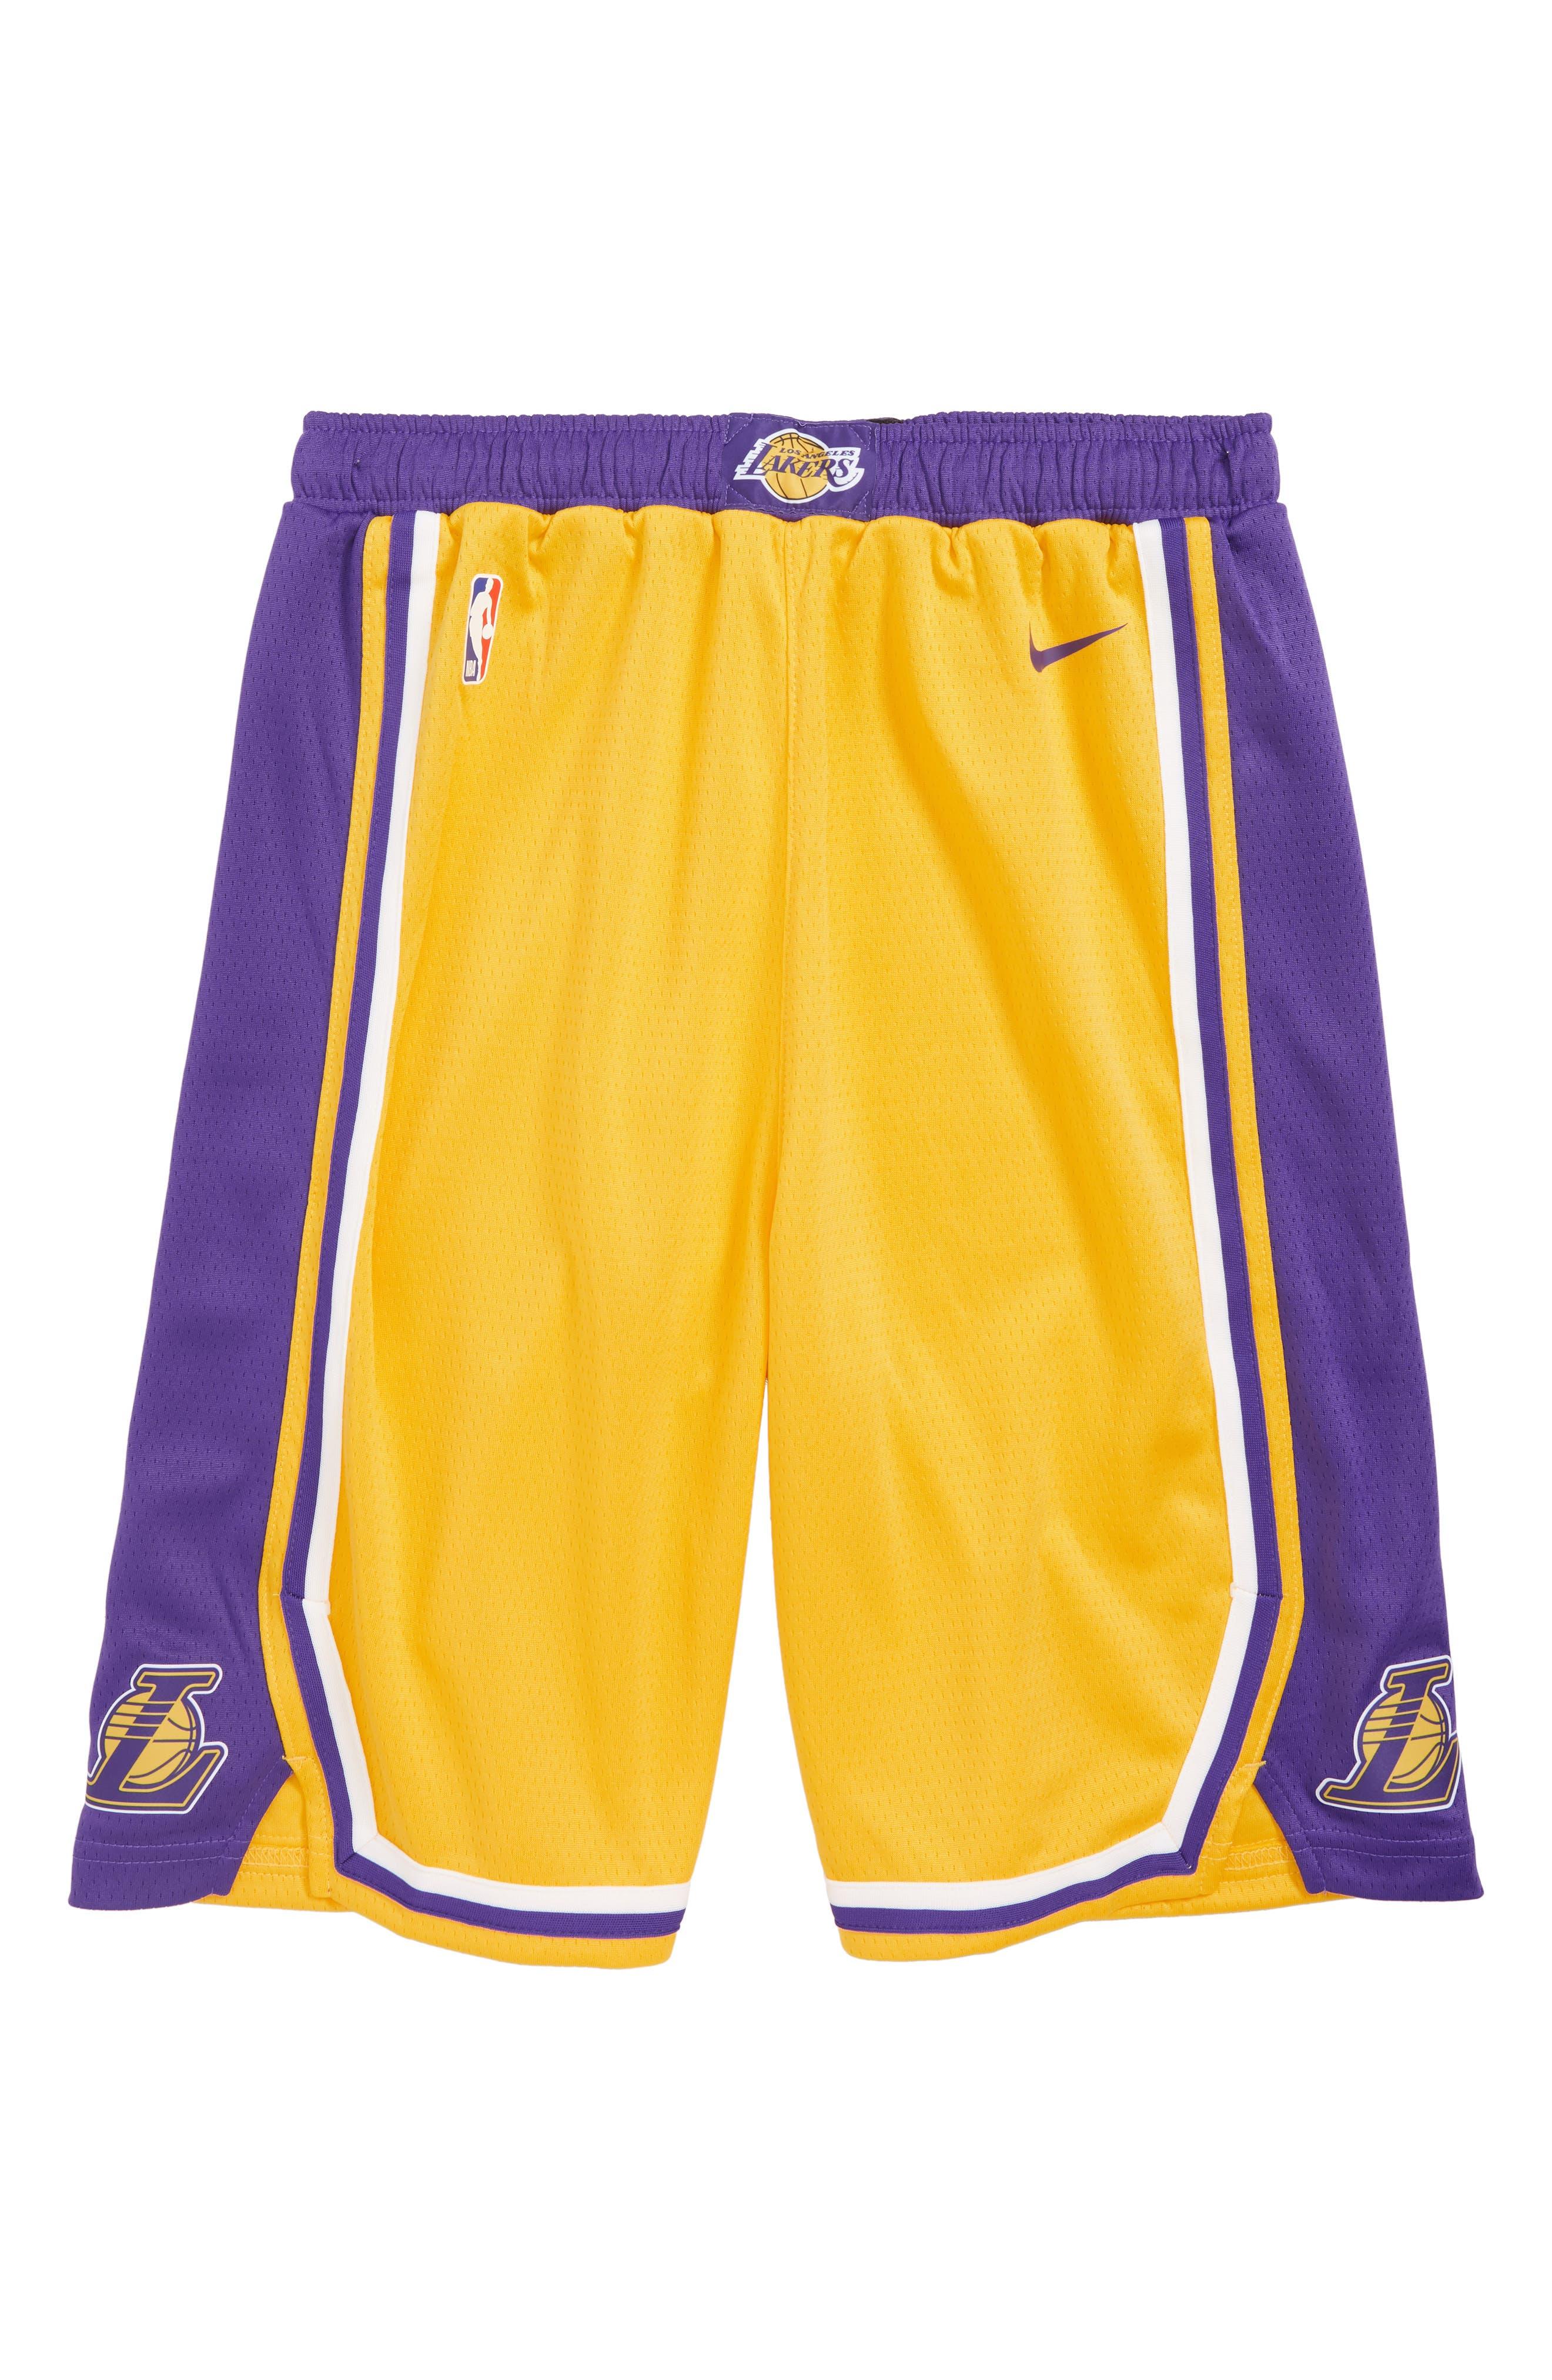 NIKE,                             Icon Los Angeles Lakers Basketball Shorts,                             Main thumbnail 1, color,                             710